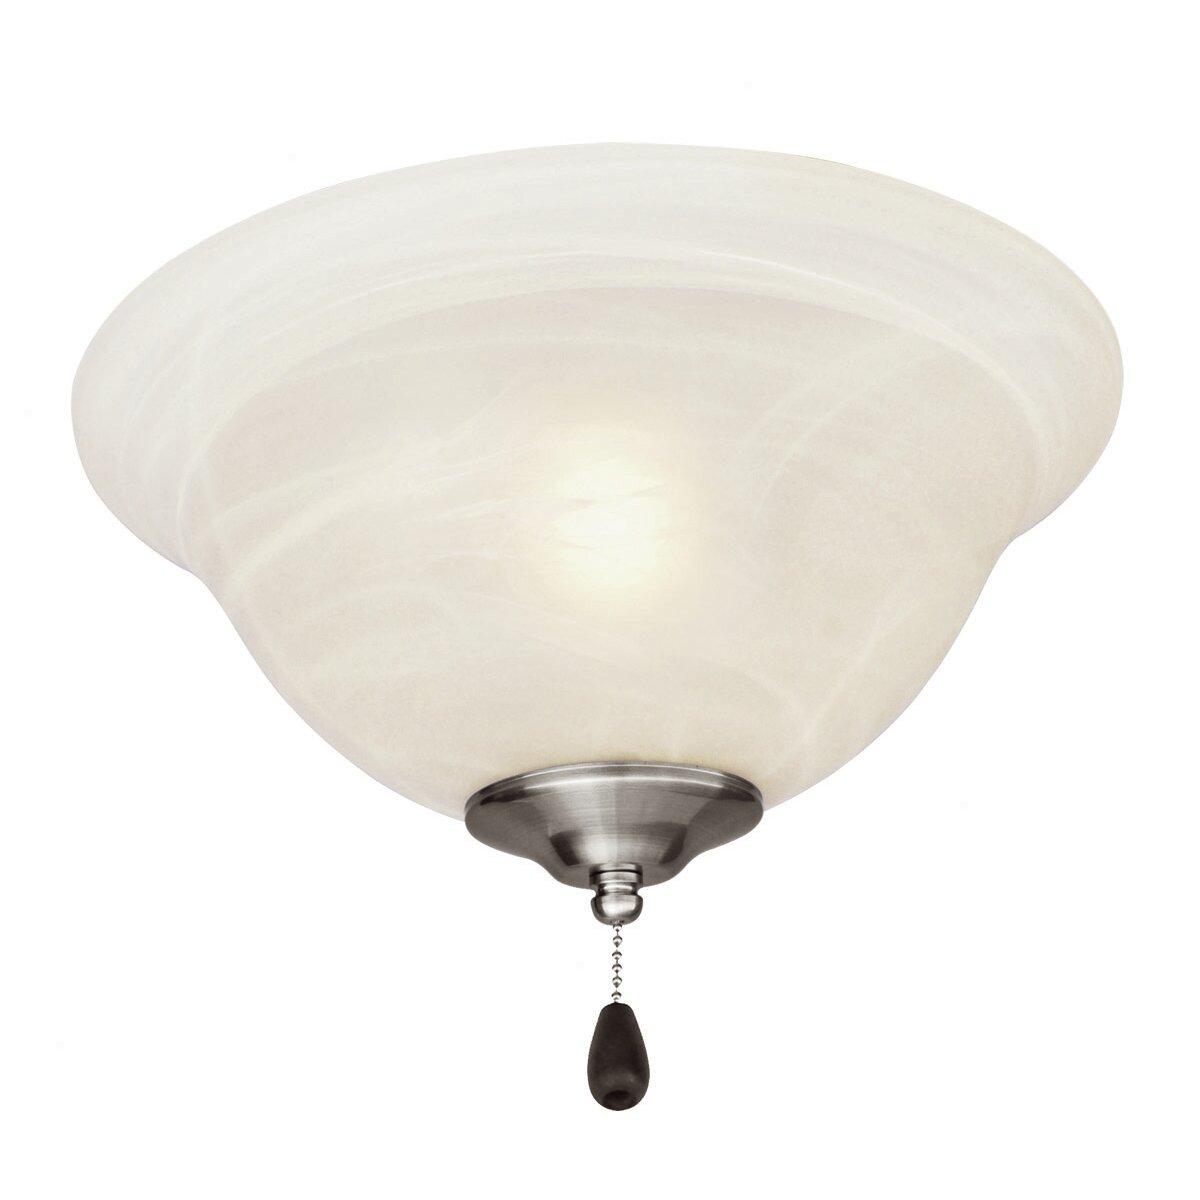 Design House 3 Light Bowl Ceiling Fan Light Kit Amp Reviews